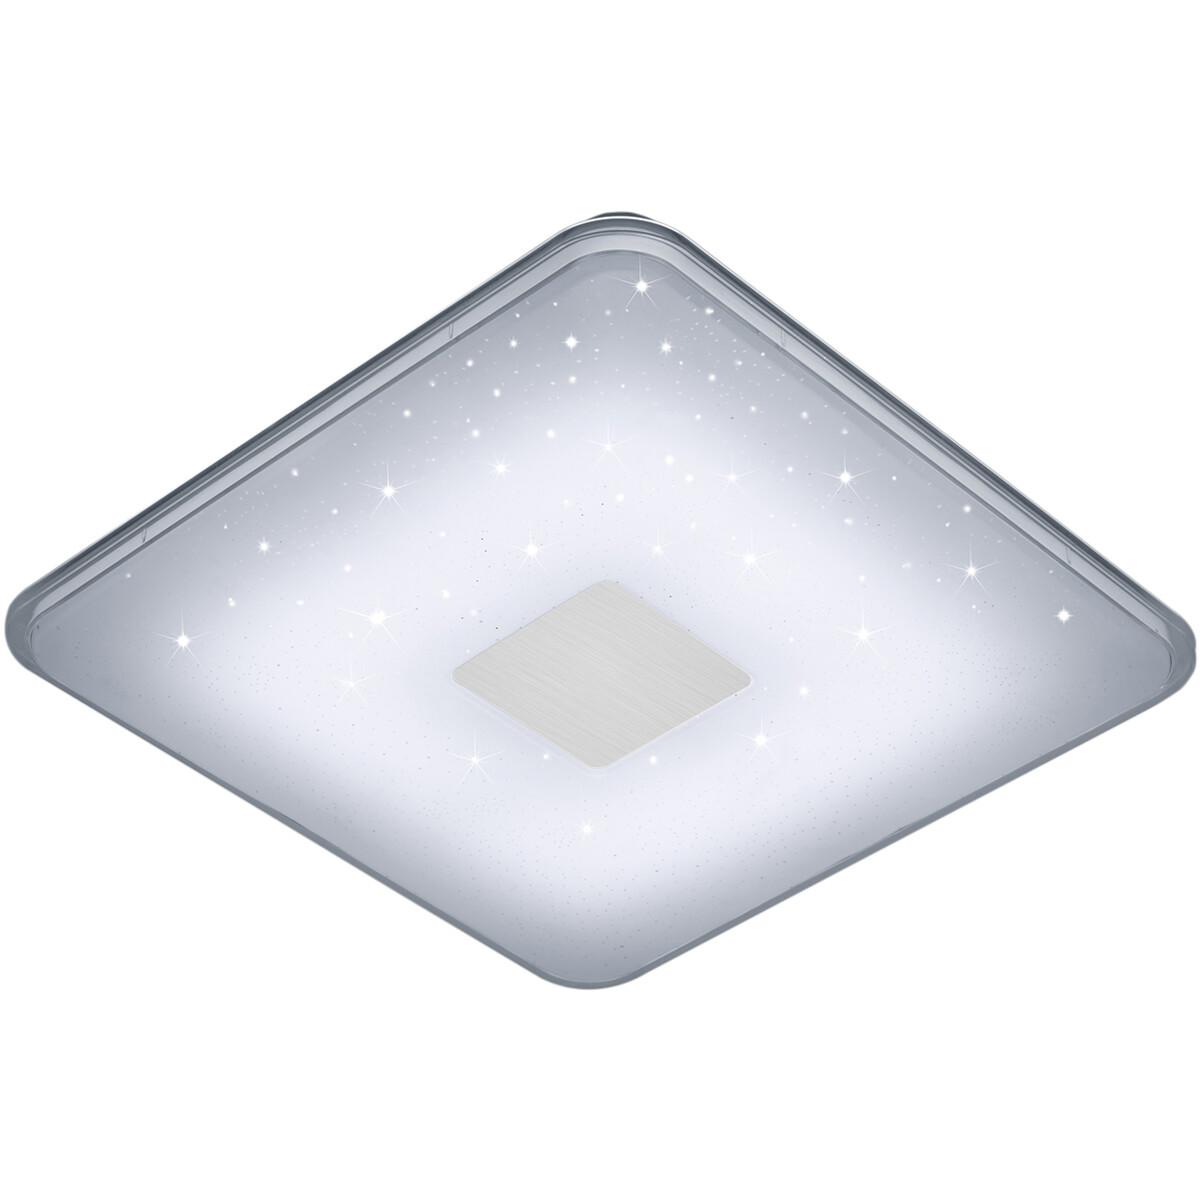 LED Plafondlamp - Trion Sumoran - 30W - Aanpasbare Kleur - Dimbaar - Afstandsbediening - Vierkant -